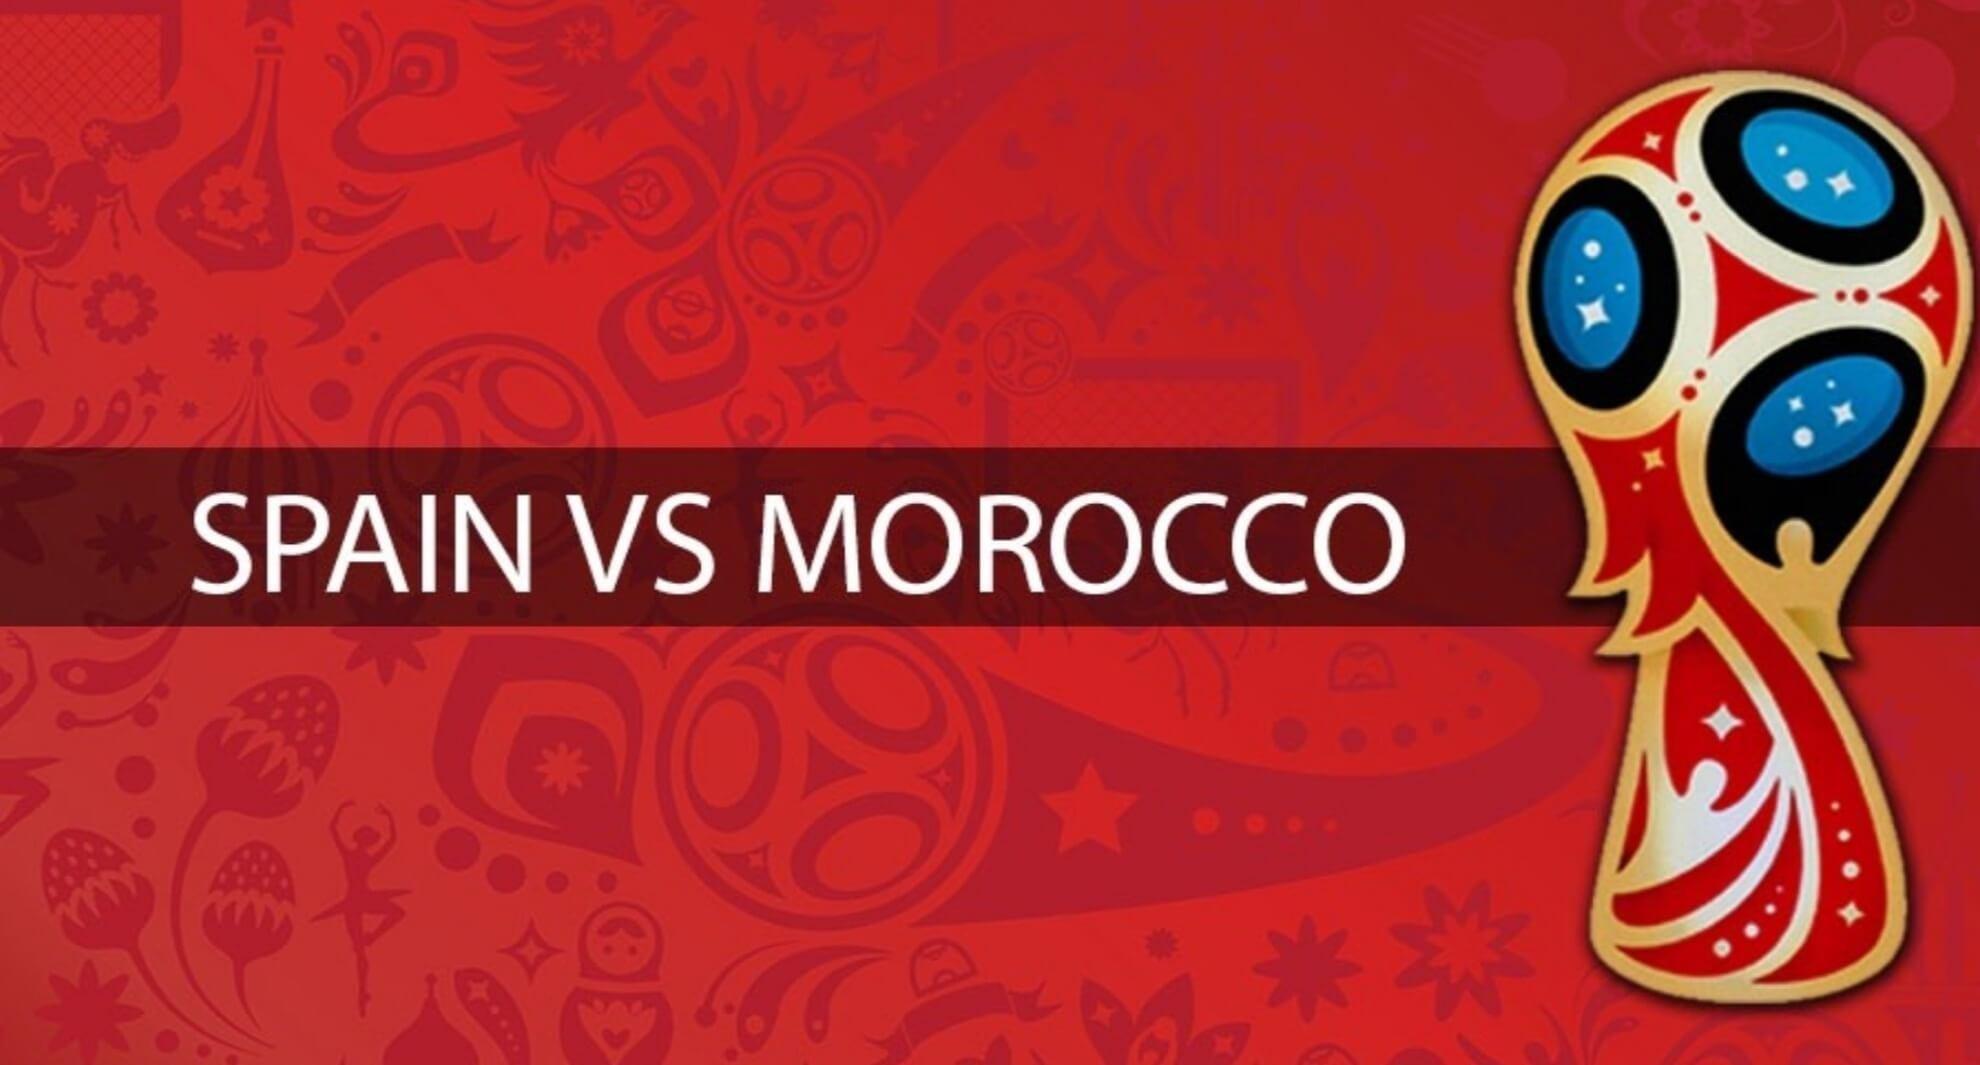 बुहुम काप 2018: स्पेनआ मोरक्कोनि बेरेखा 2-2 खालामनो हायो